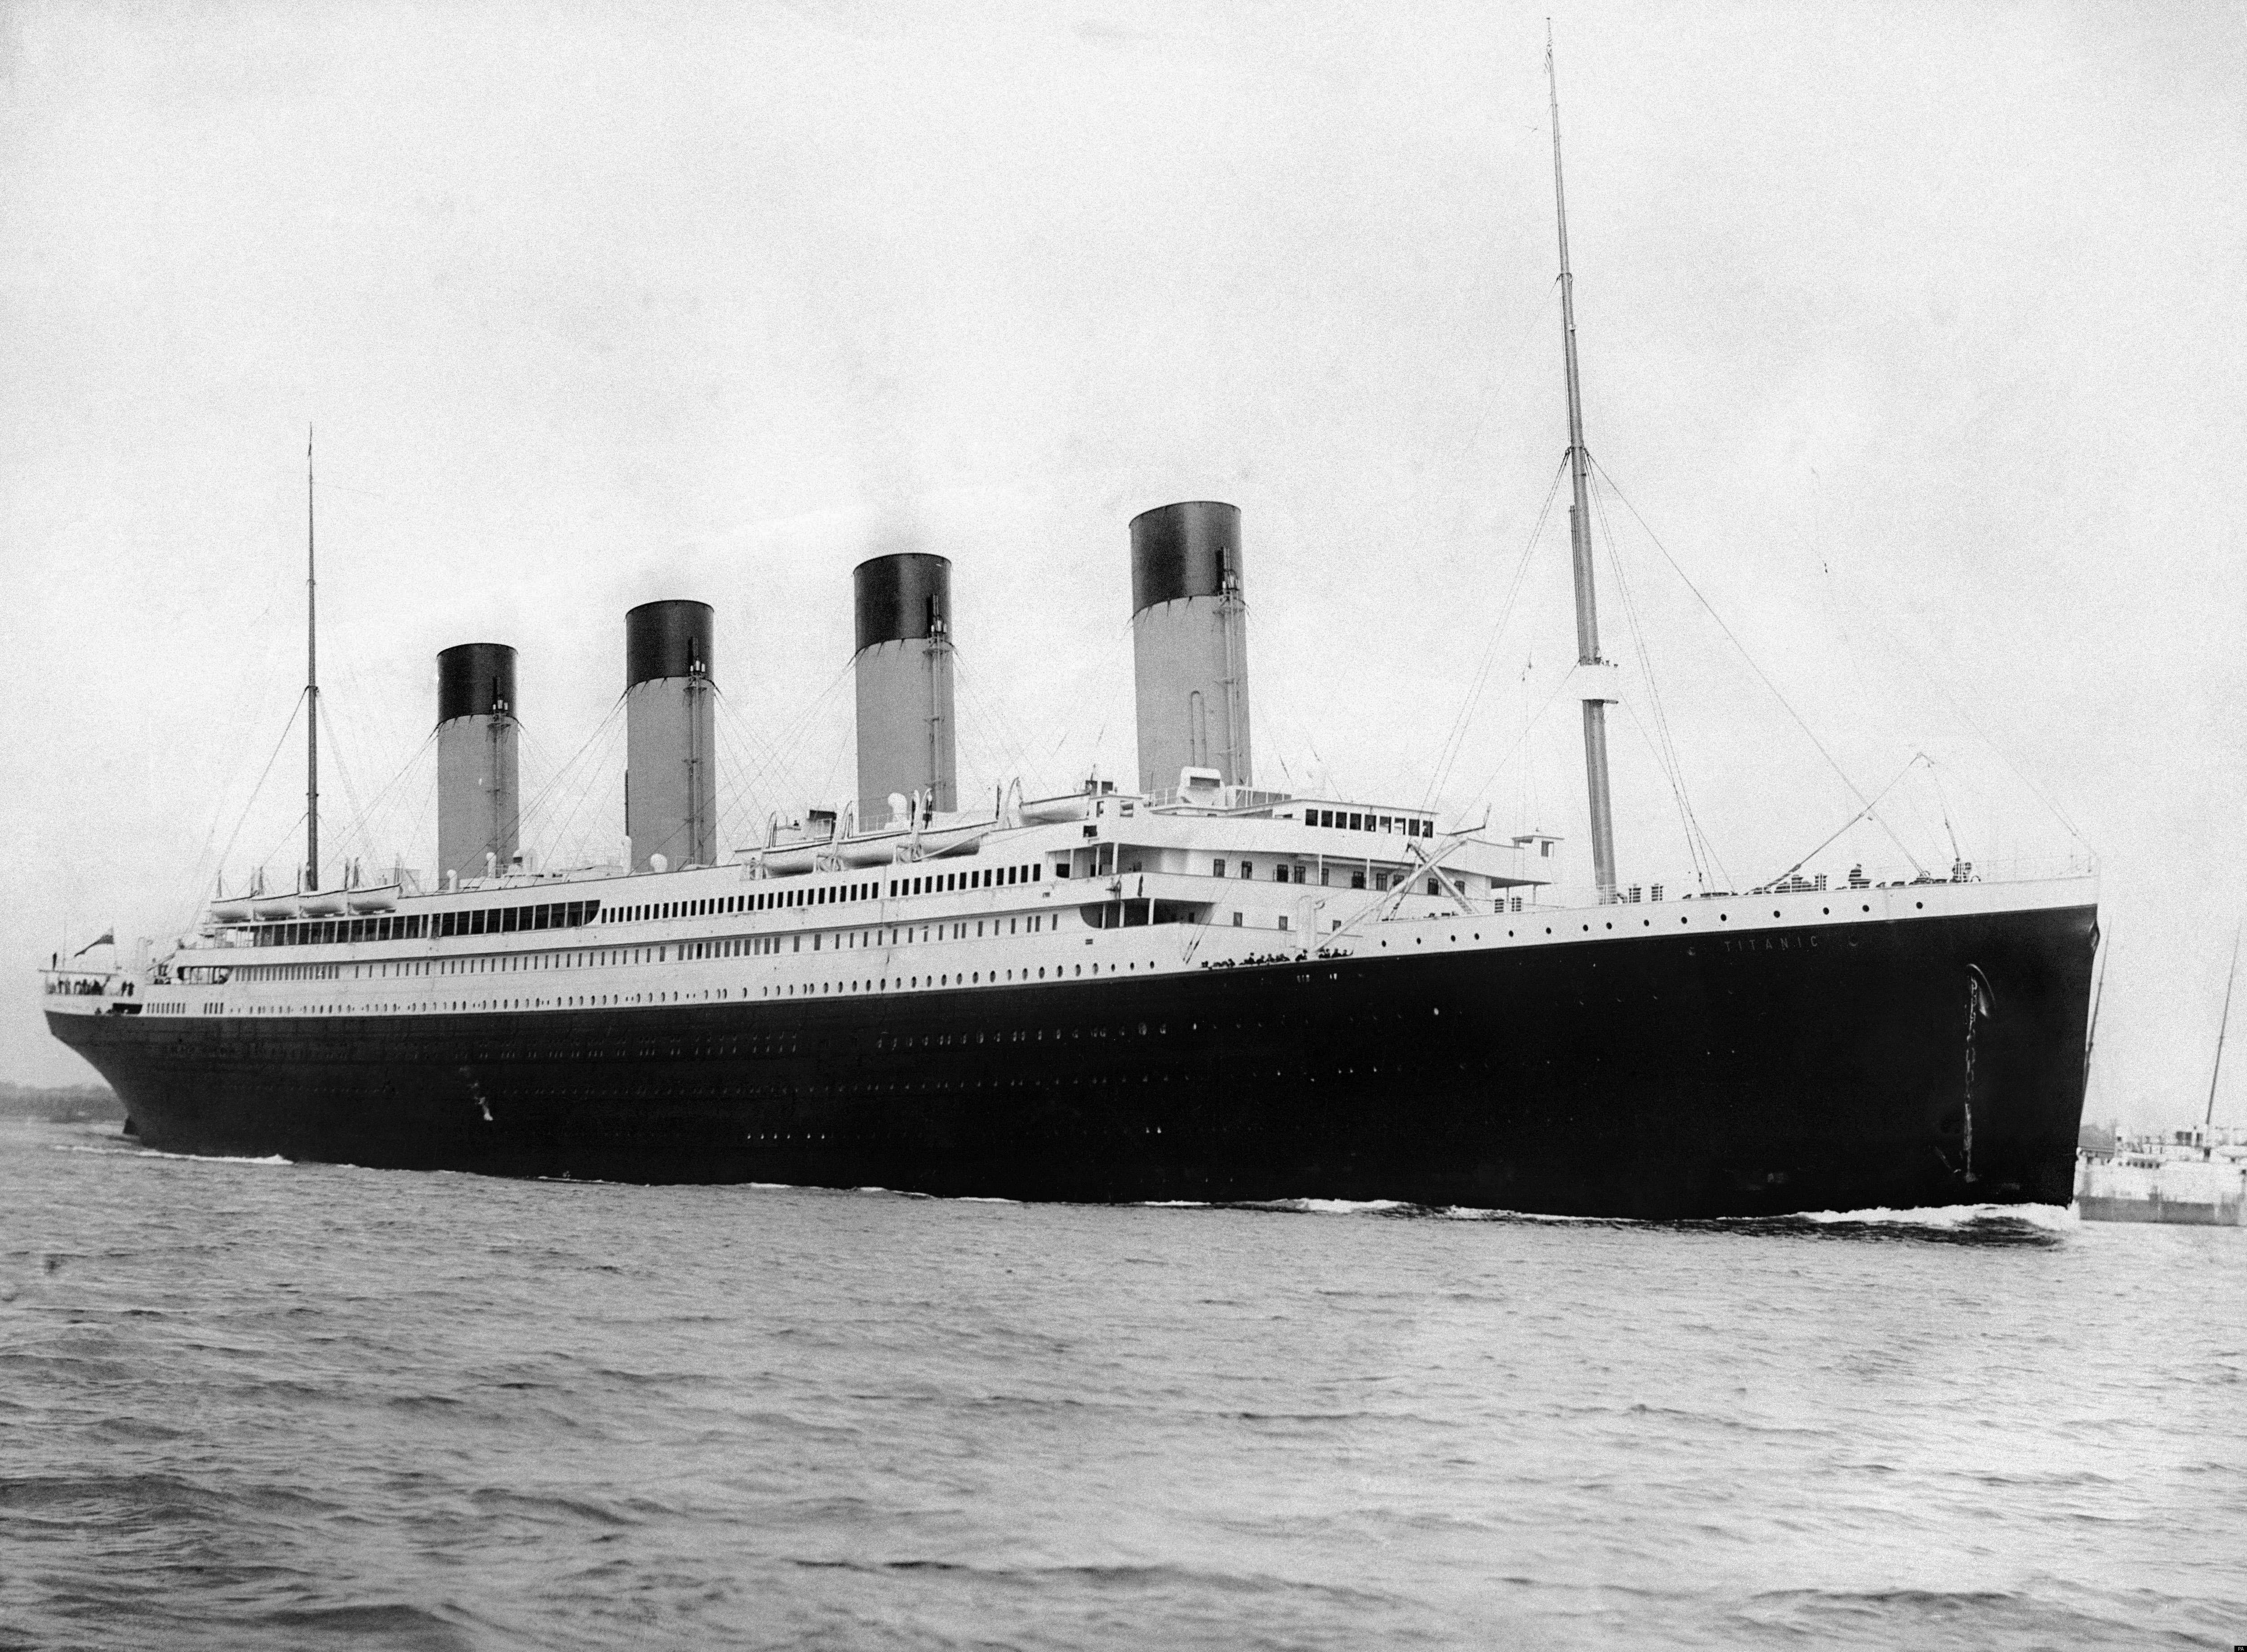 El Titanic en una fotografía de época